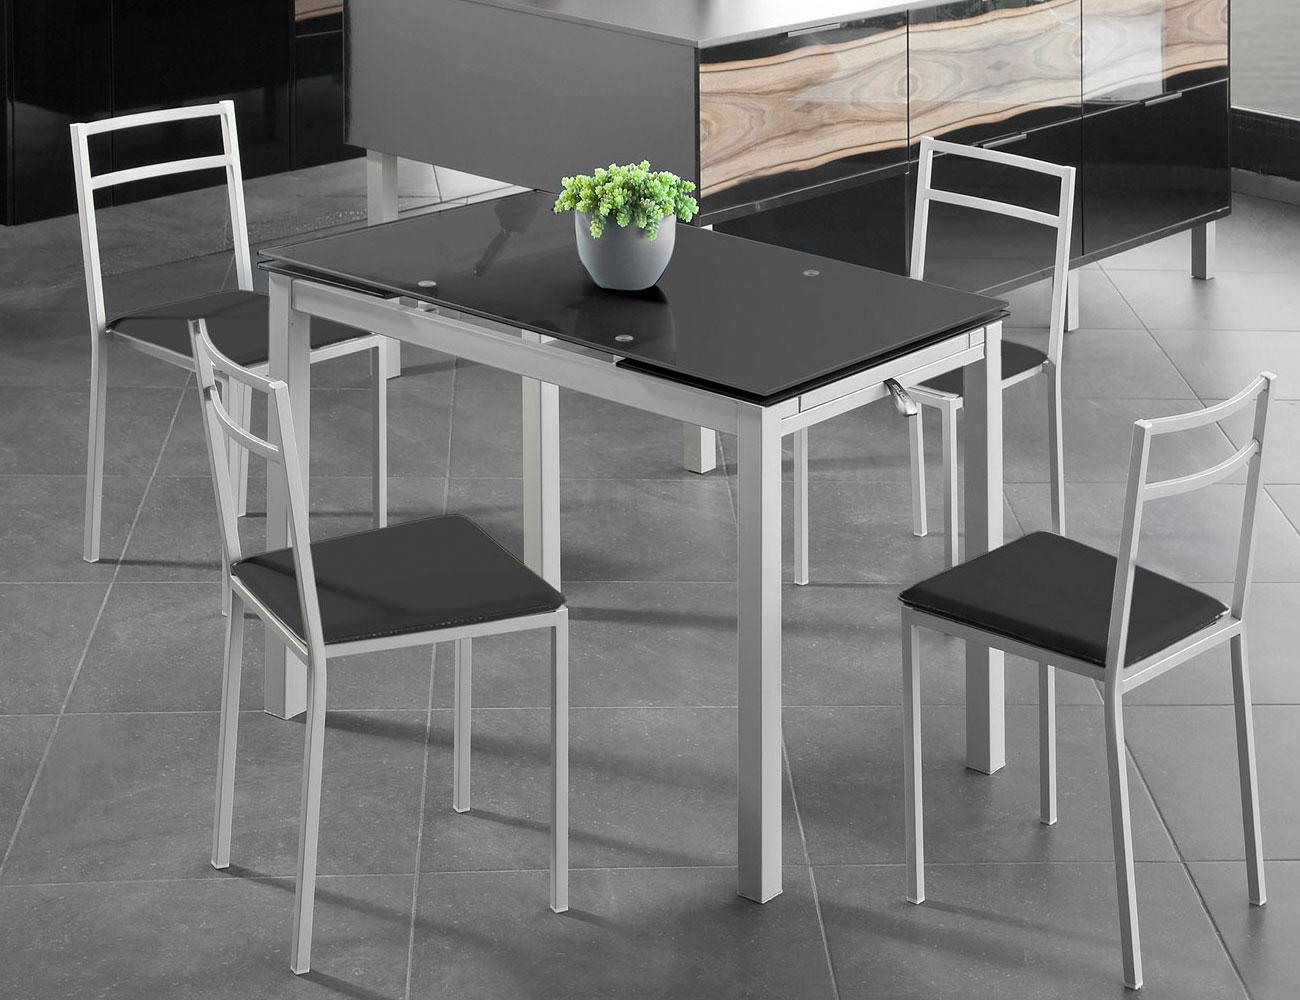 Mesa de cocina extensible en cristal templado 3582 for Mueble mesa cocina